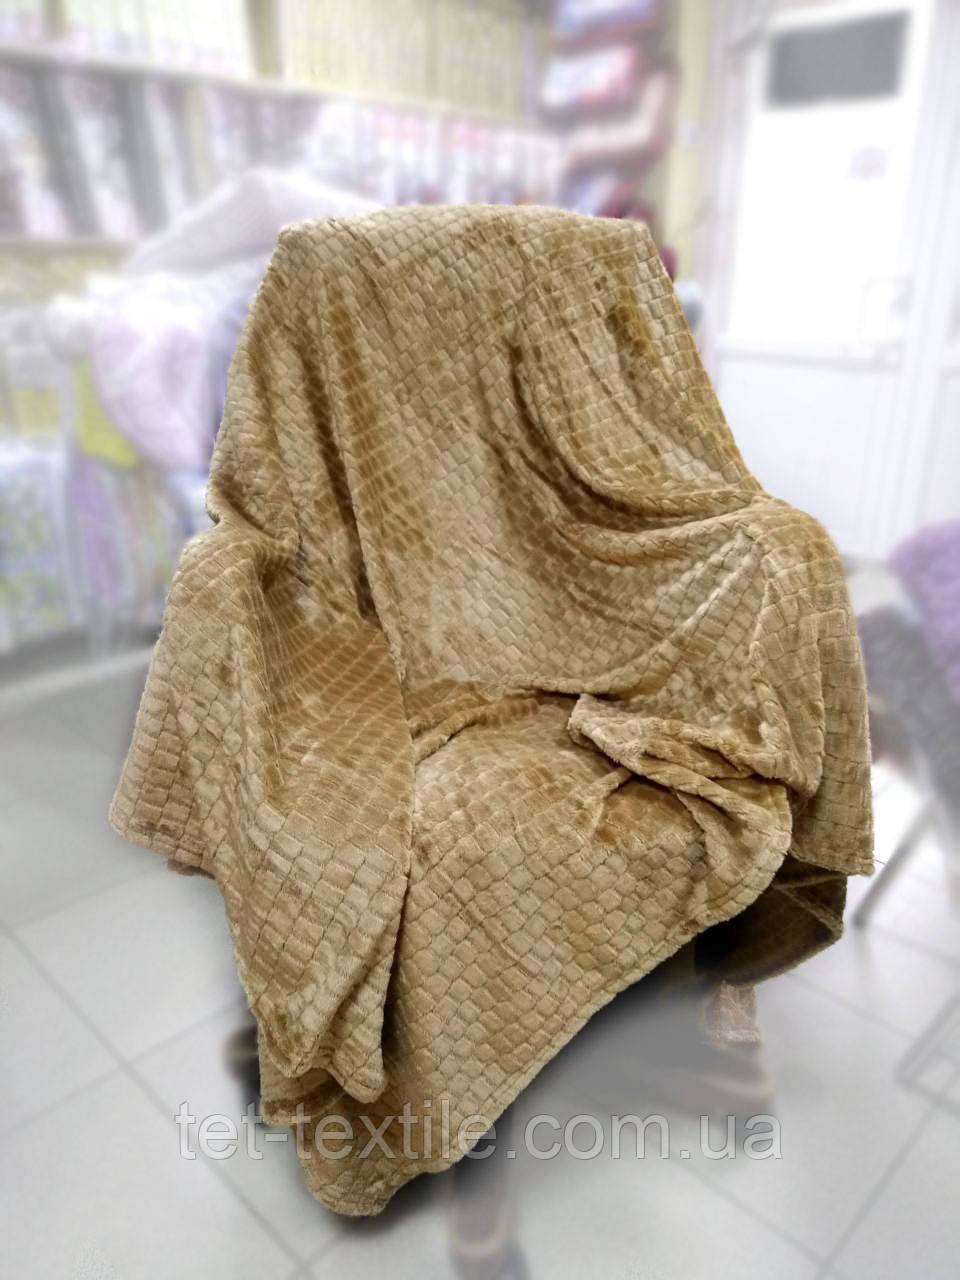 """Плед-покрывало из бамбукового волокна """"Shang Hay"""" Кубики песочный (200x230cм.)"""